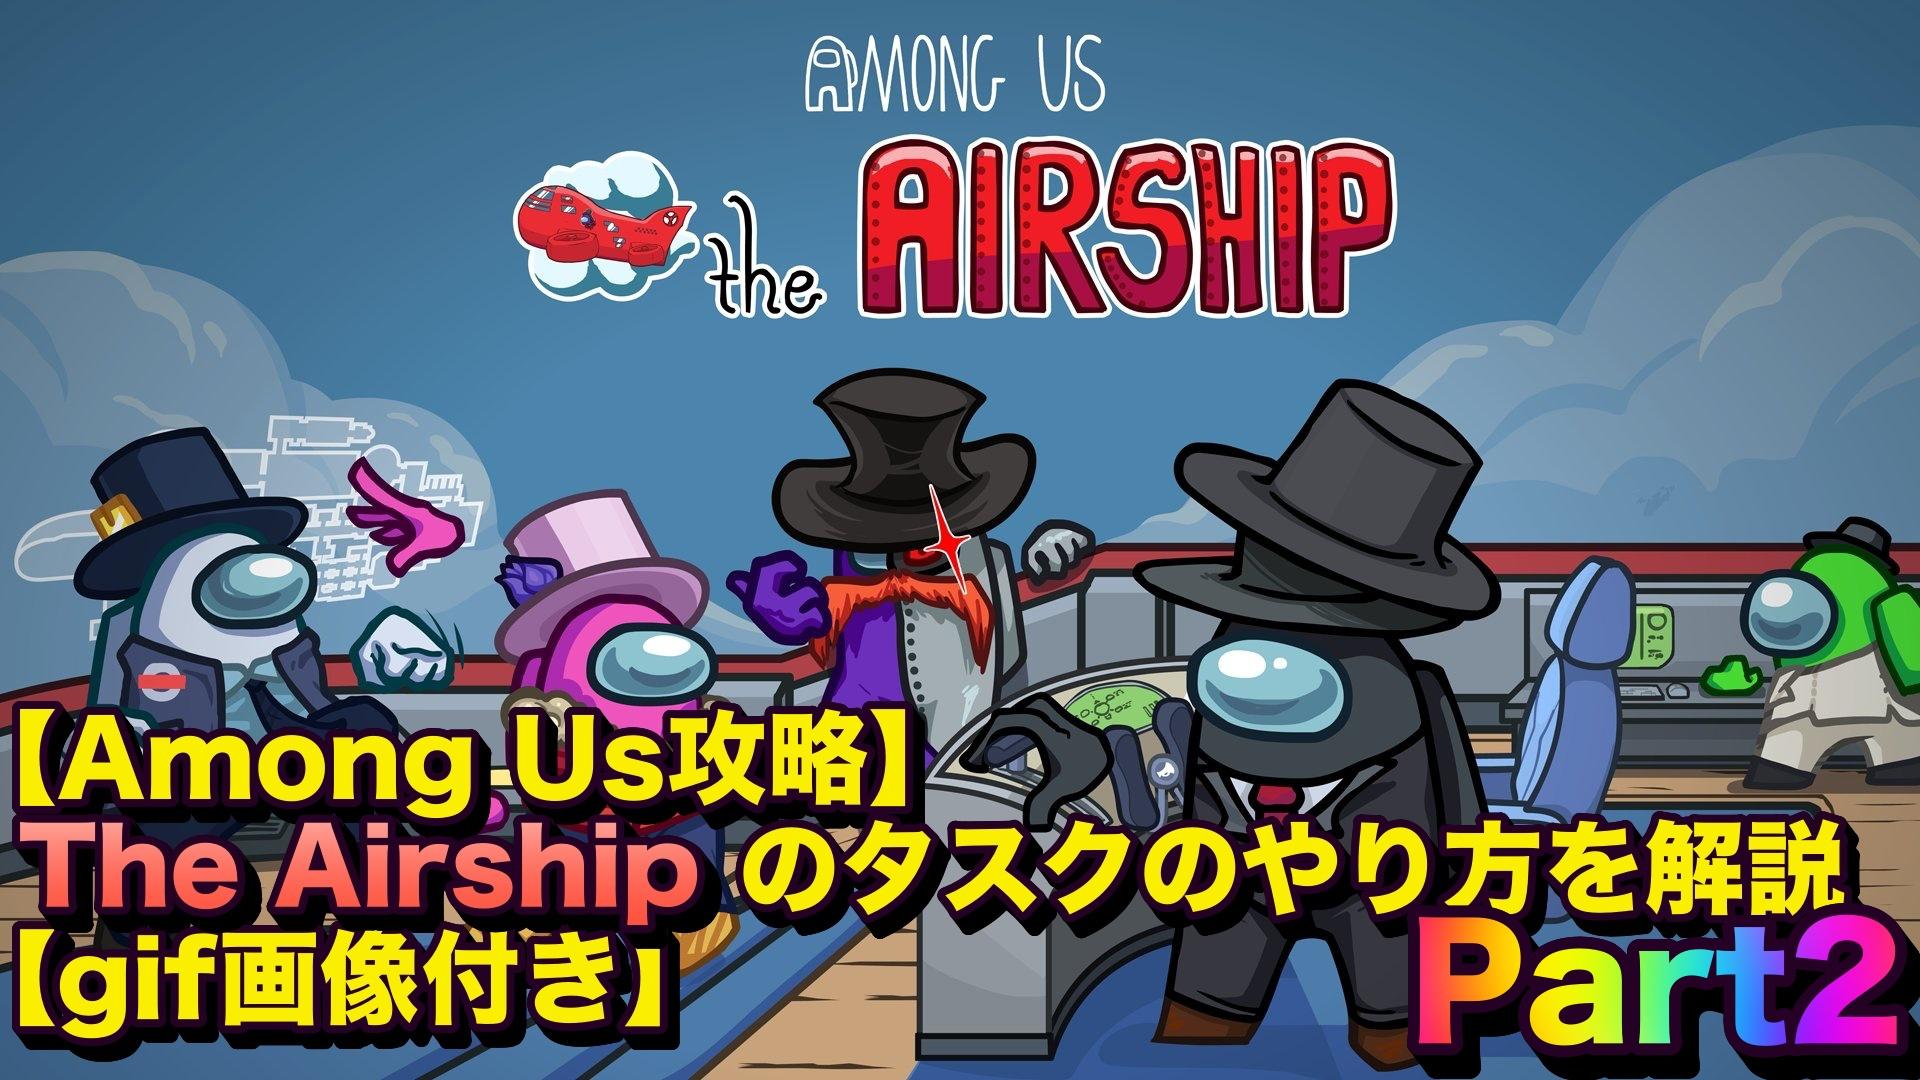 【Among Us新マップ】The Airship のタスクのやり方を解説Part2【gif画像付き】